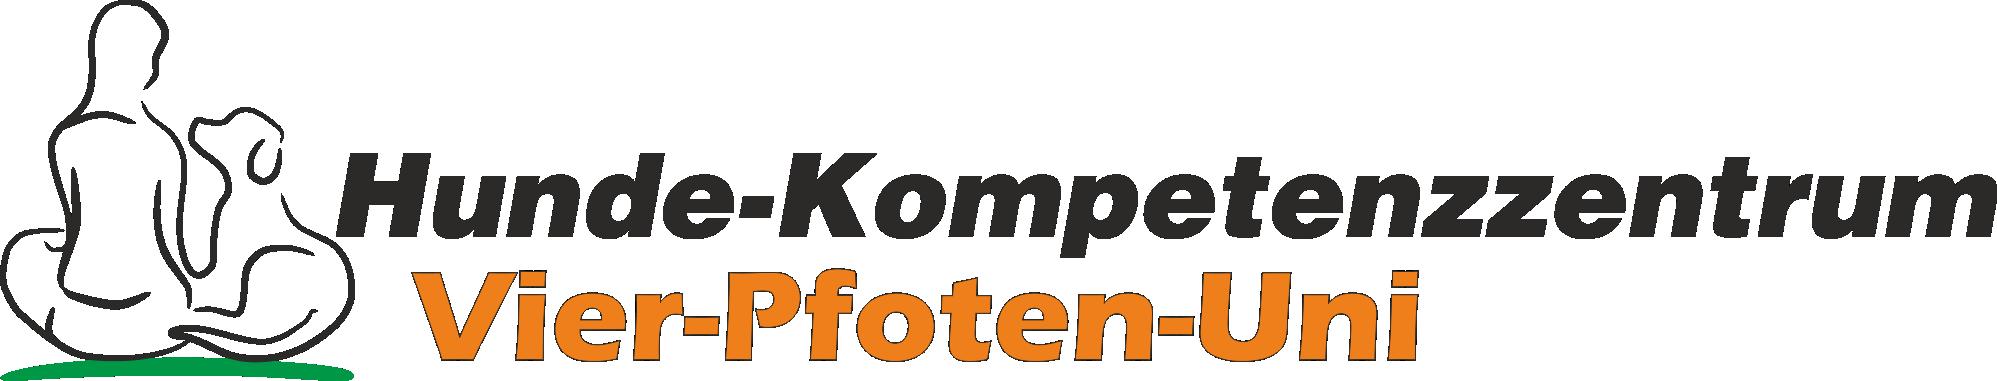 Hunde Kompetenzzentrum - Vier Pfoten Uni in Lennestadt, Kreis Olpe im Sauerland